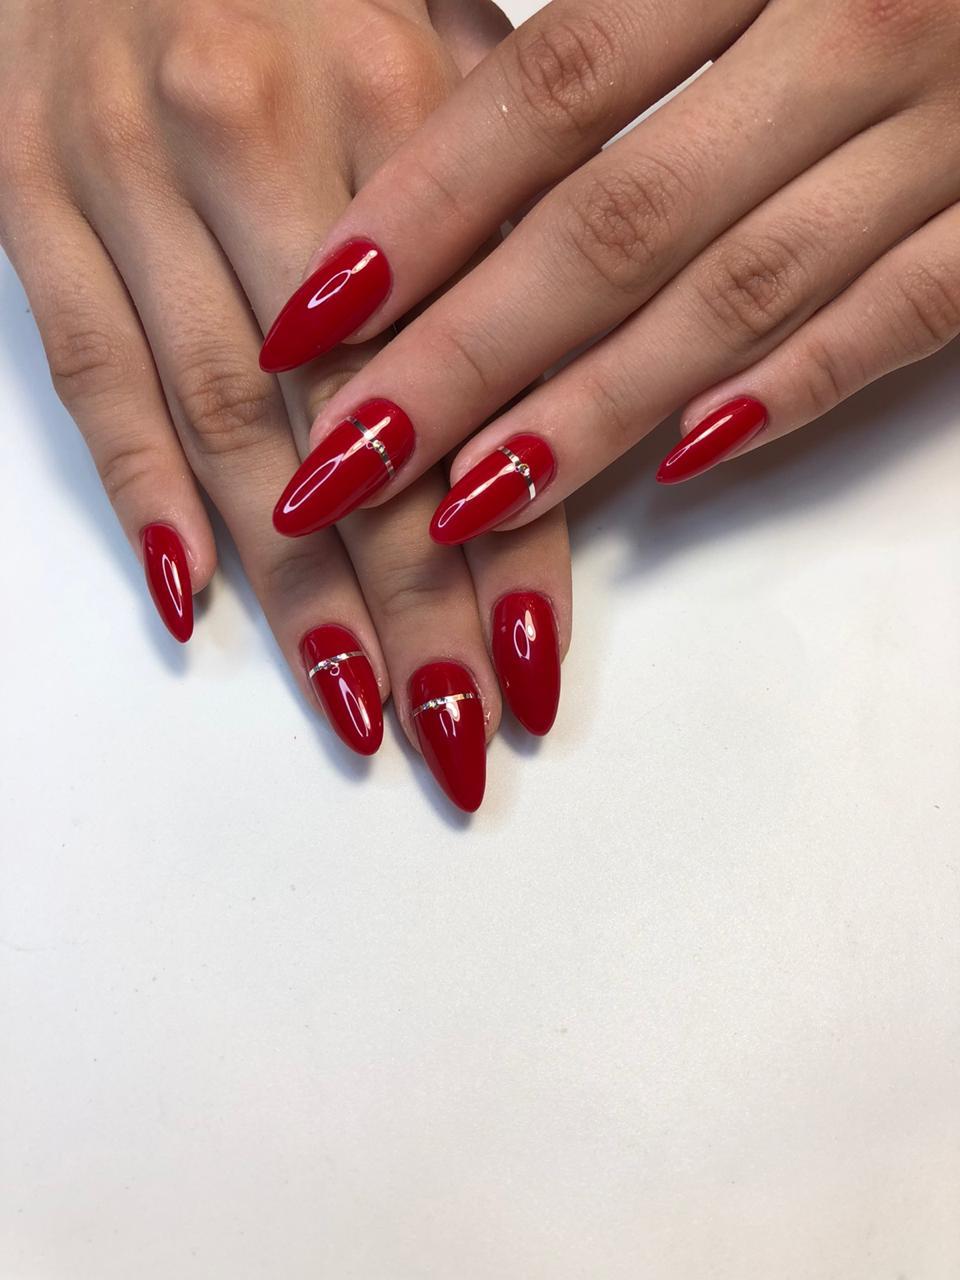 Маникюр с серебряными полосками в бордовом цвете на длинные ногти.